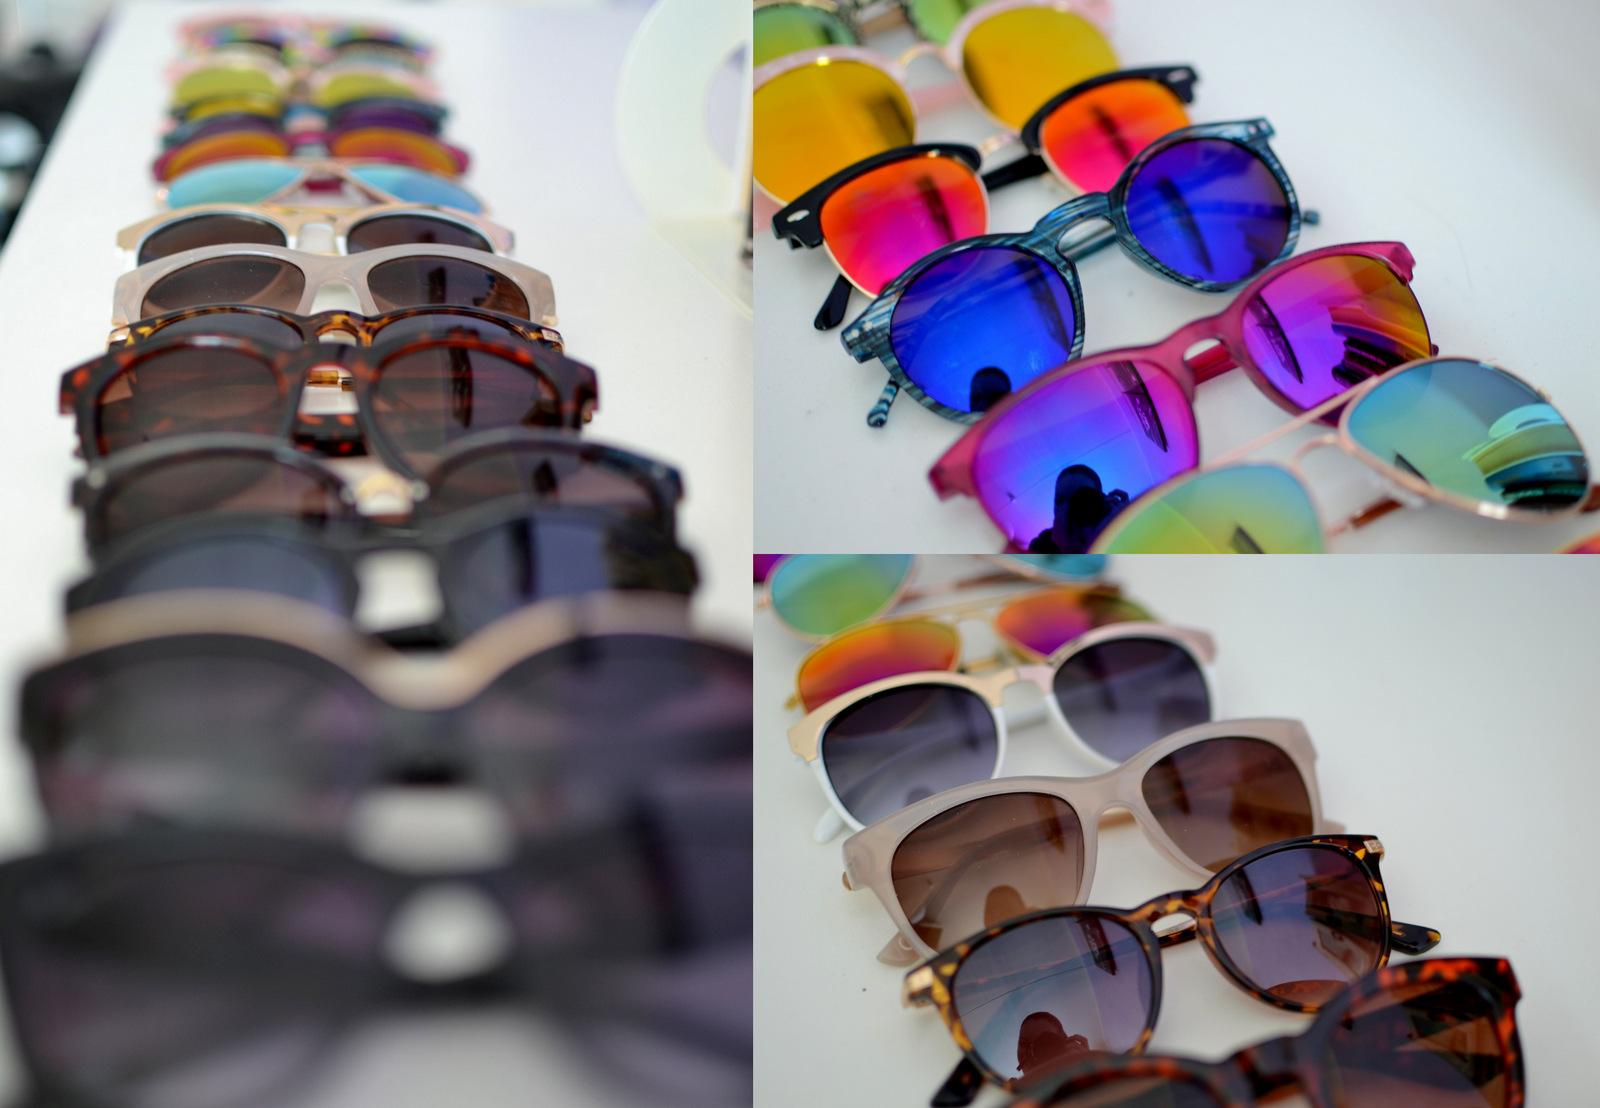 tip ako skladovať slnečné okuliare tak, aby vám nezabrali veľa miesta // how to organize sunglasses and save place